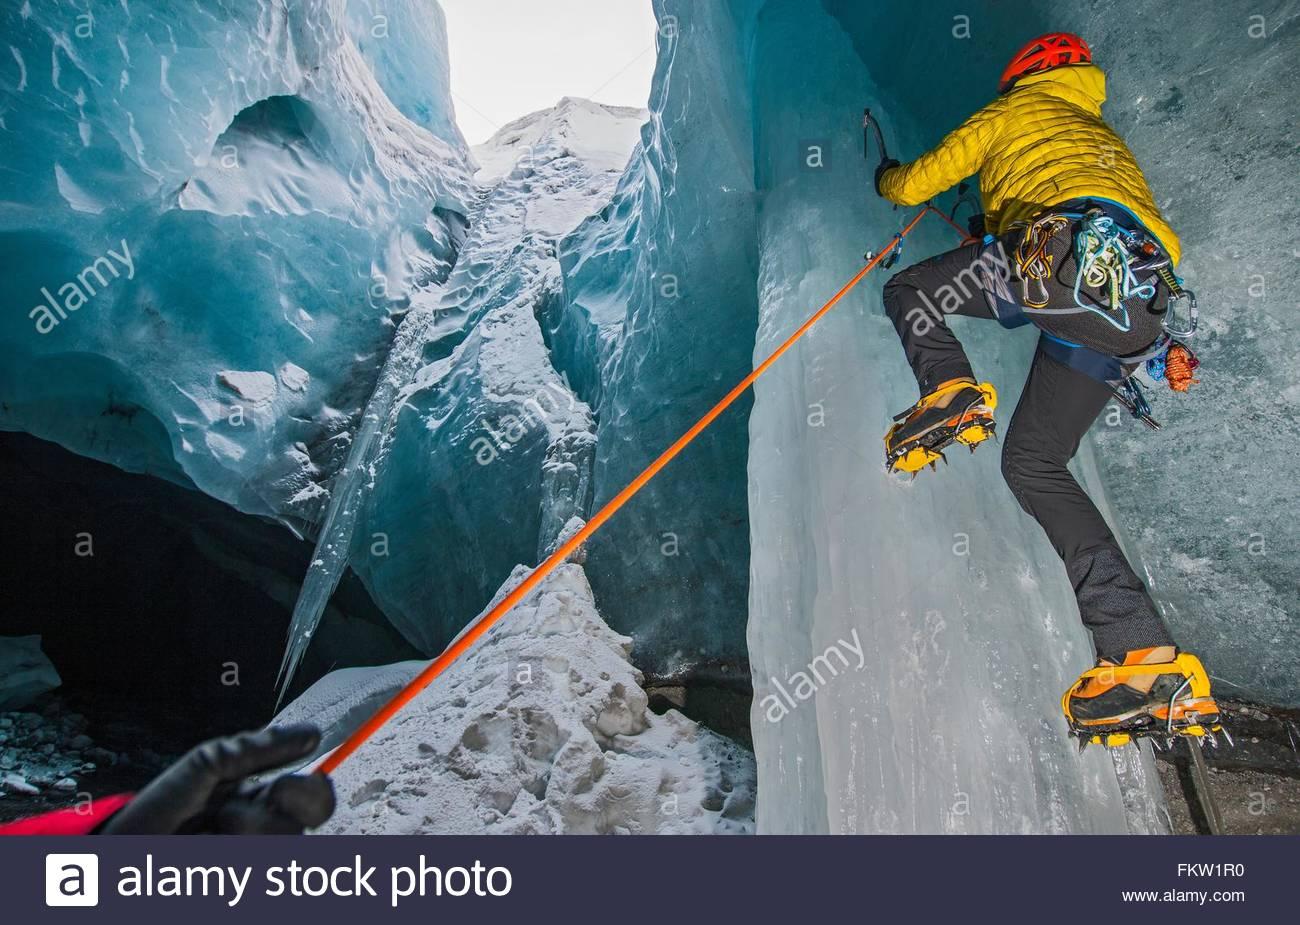 Les glaciéristes grimper au-dessous de la grotte de glace de glacier Gigjokull, Thorsmork, Islande Photo Stock